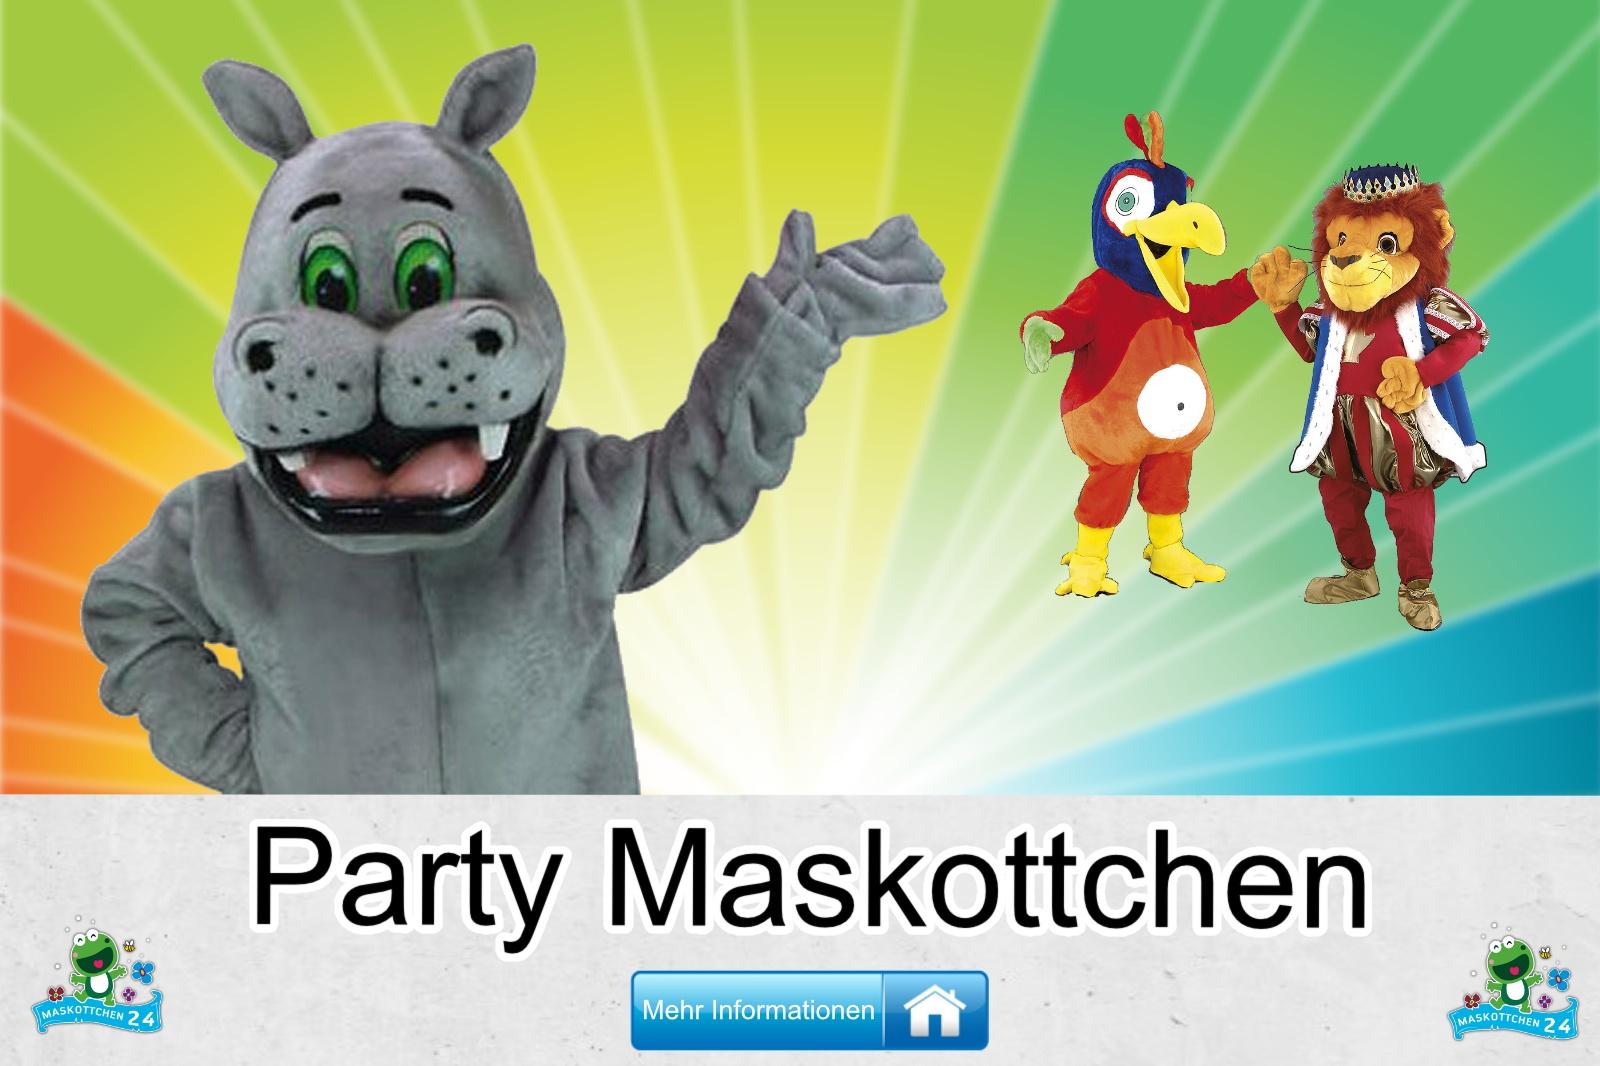 Party Maskottchen Kostüm kaufen, günstige Produktion / Herstellung